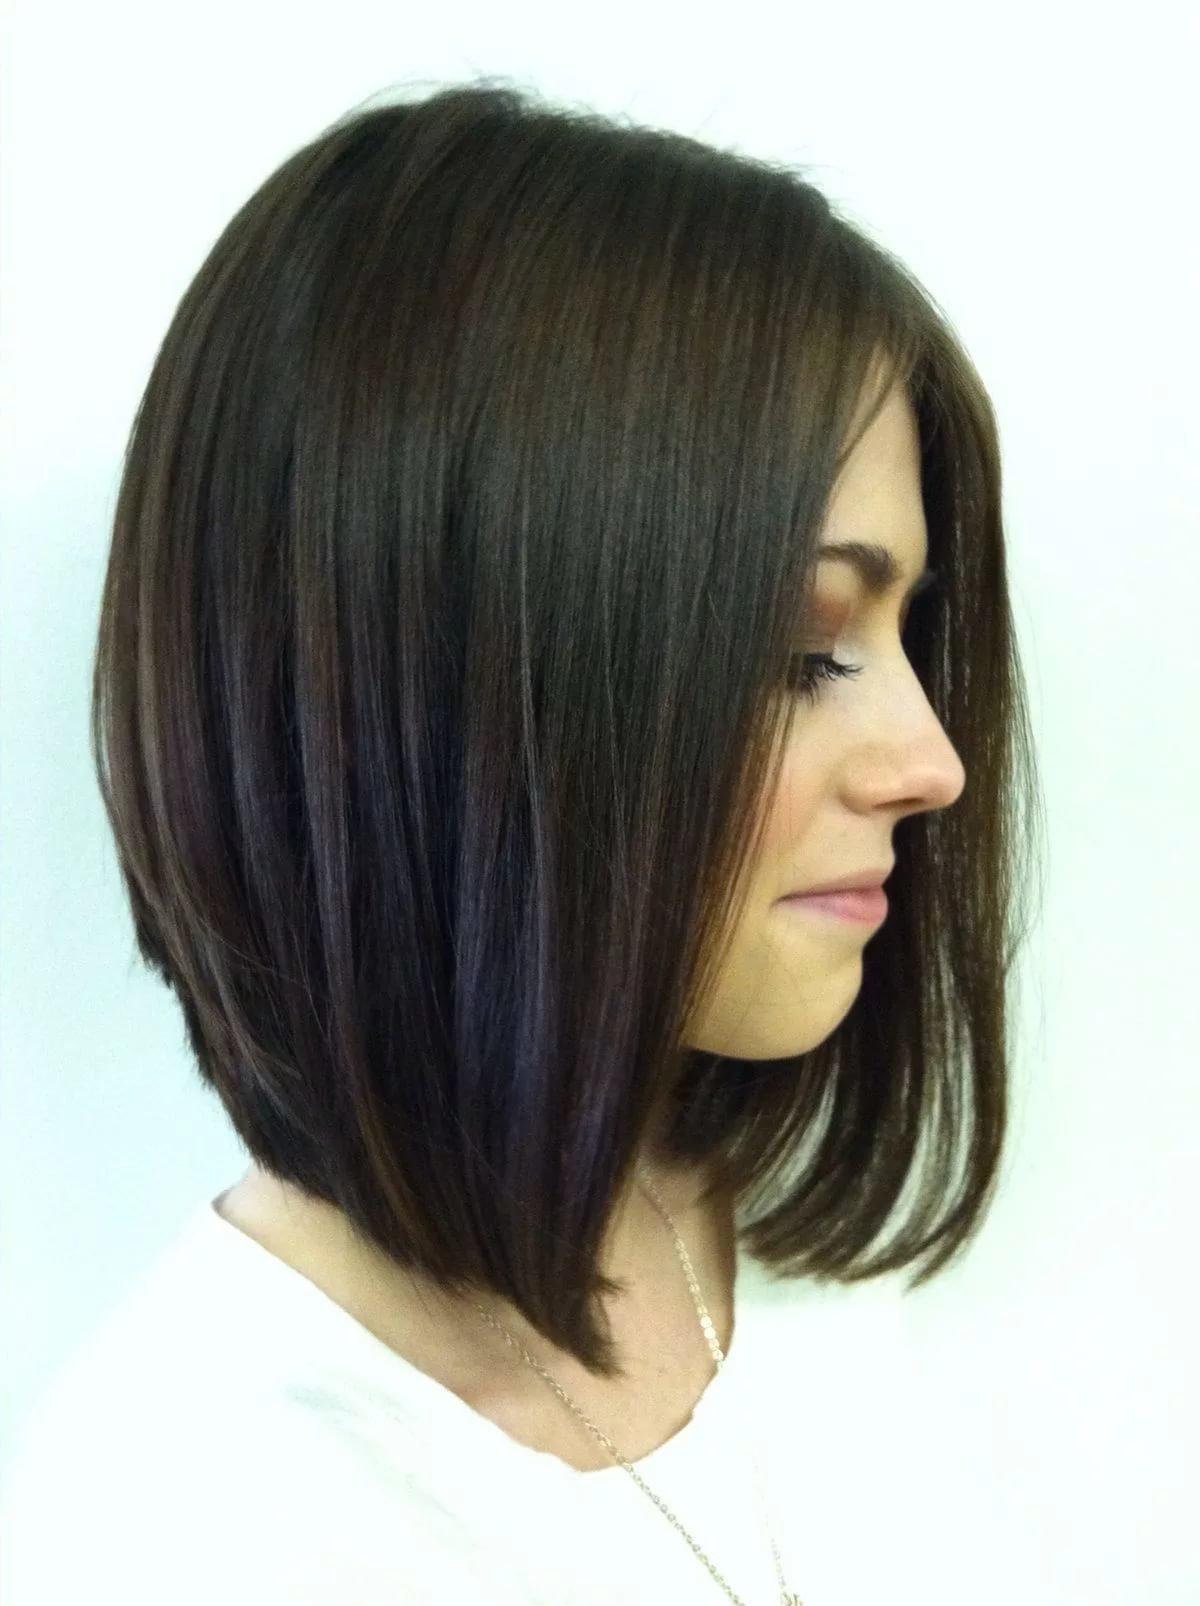 Прически на удлиненное каре волосы фото